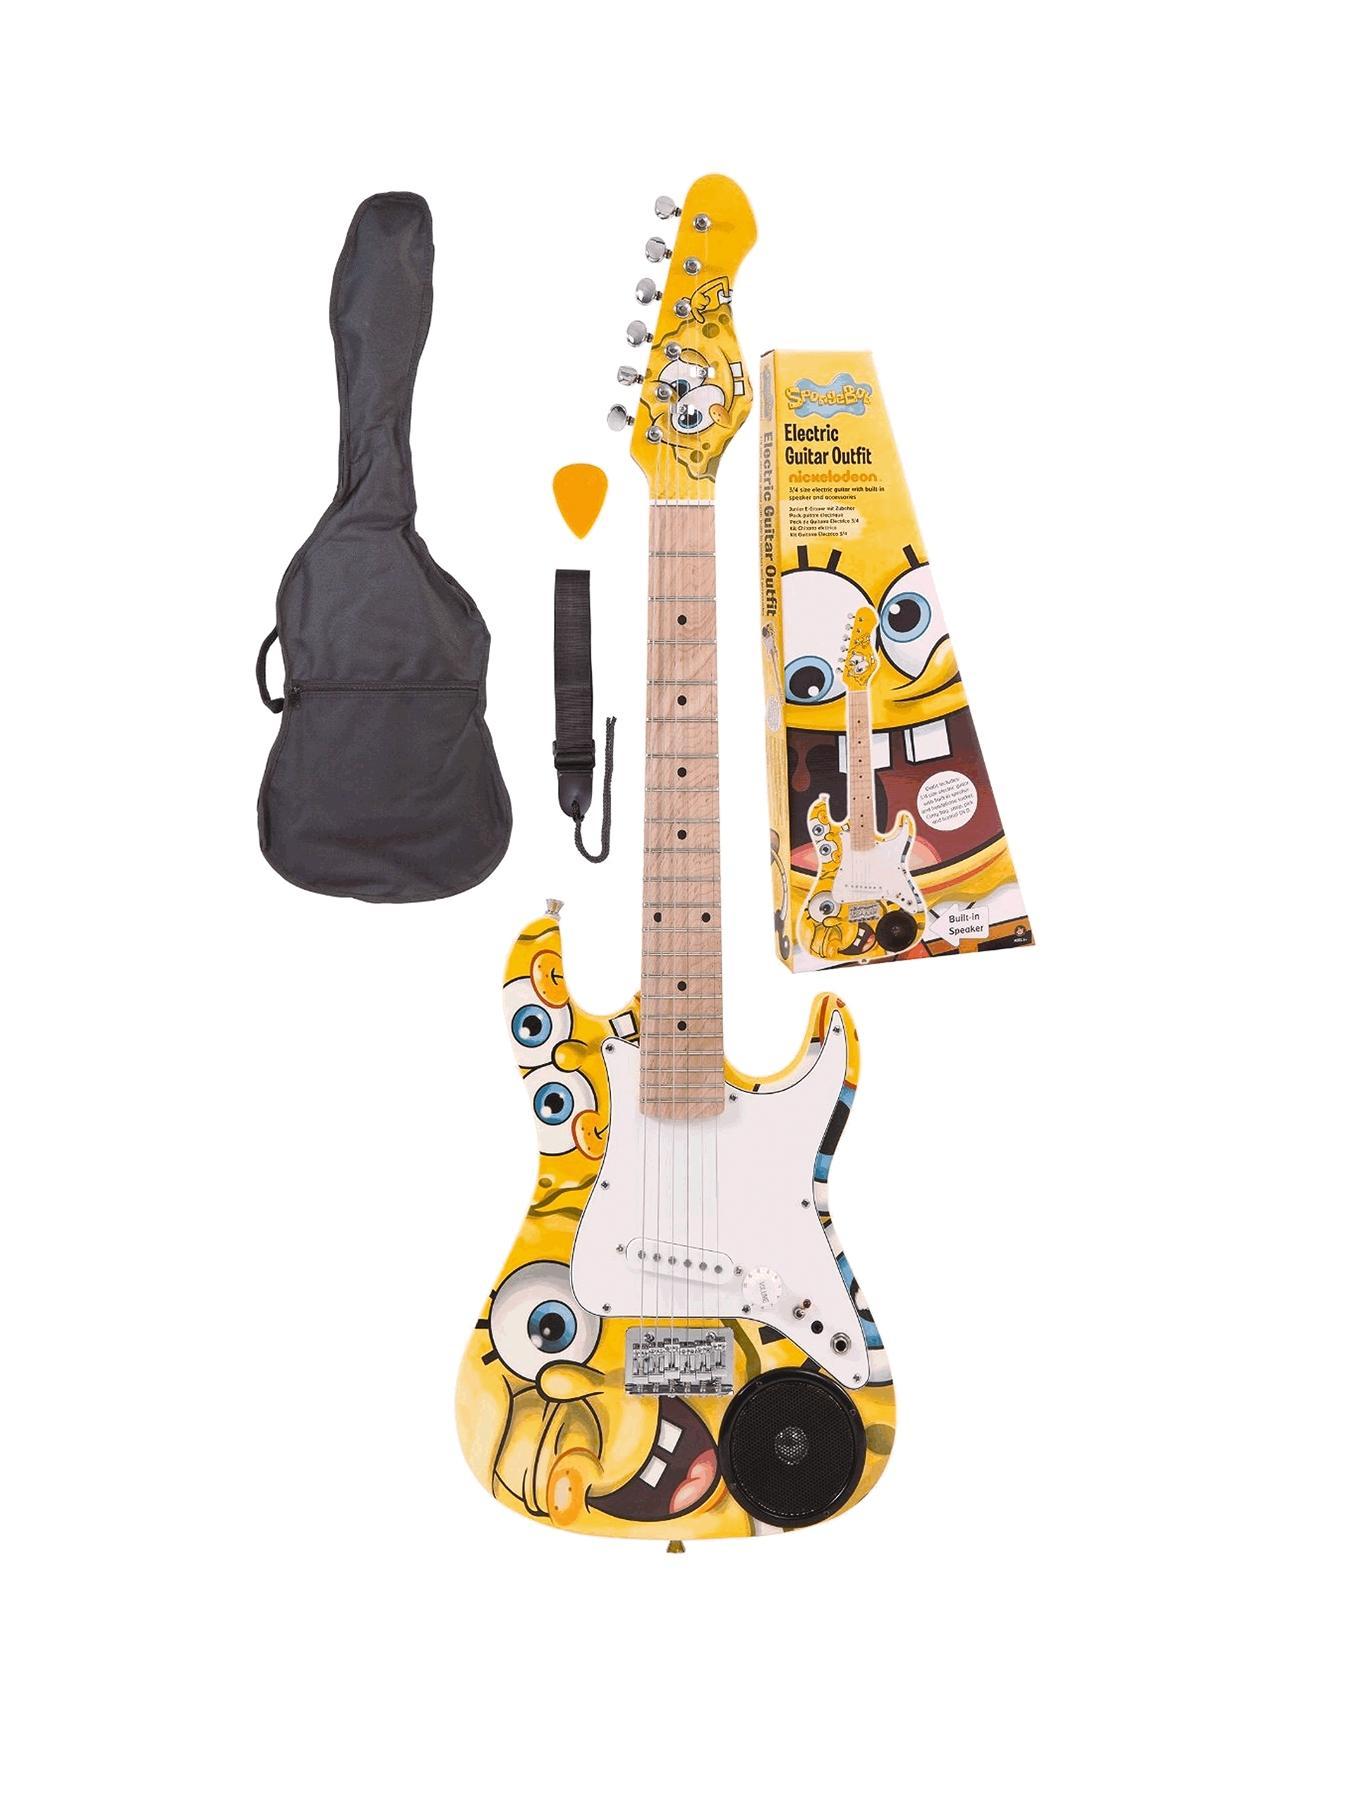 Spongebob Squarepants Electric Guitar Musical Instrument